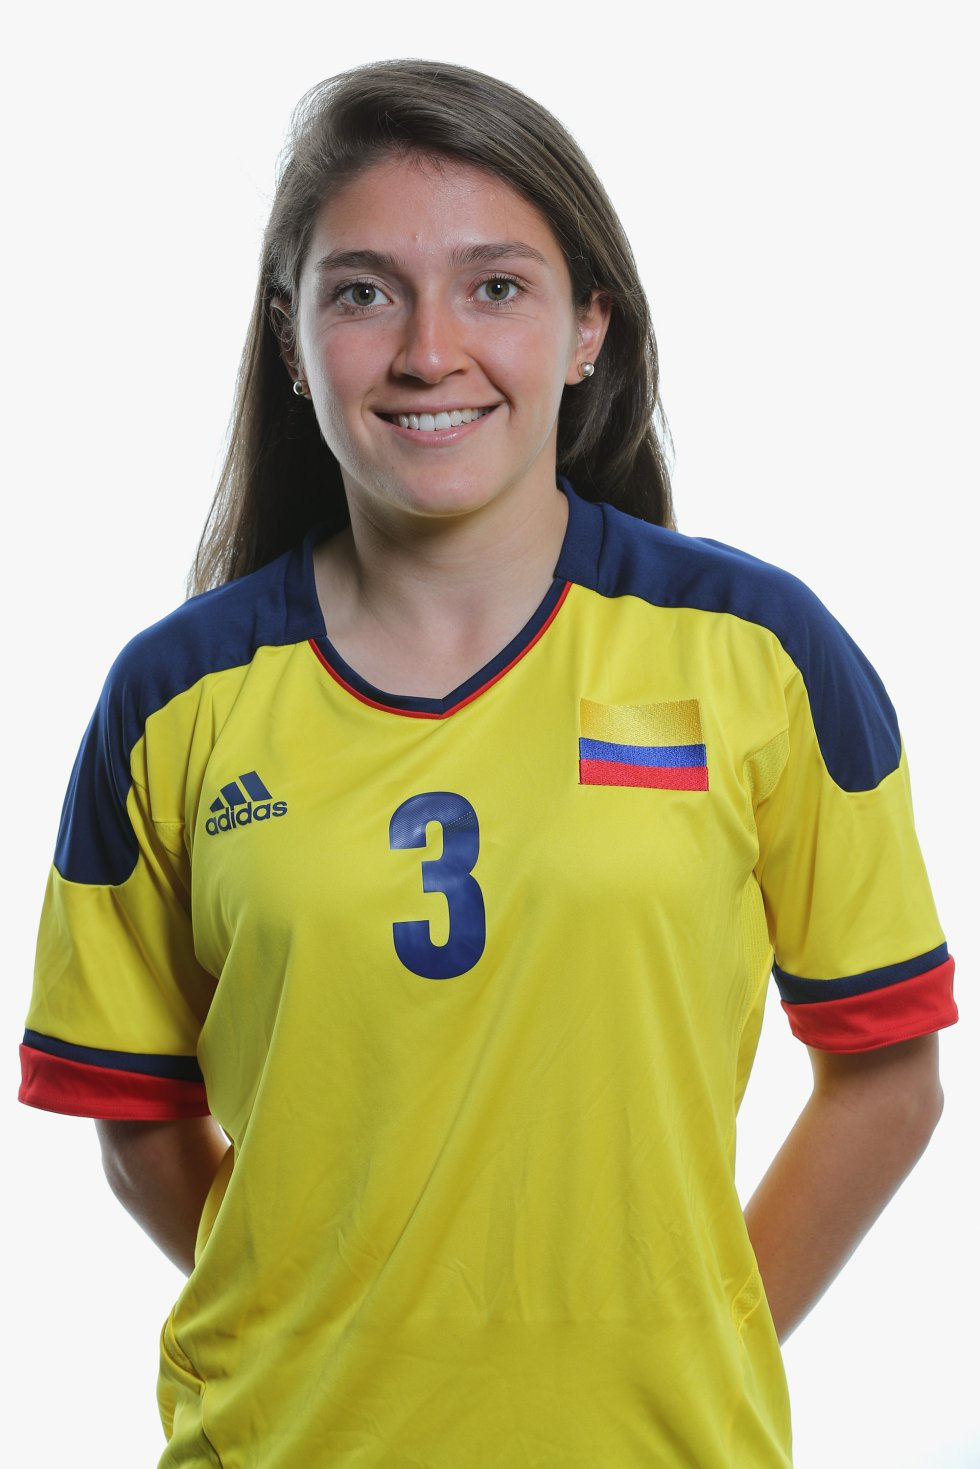 Natalia Gaitán: Capitana de la Selección Colombia Femenina y actual jugadora del Valencia de España. Este año fue nominada al once ideal de la FIFPro.